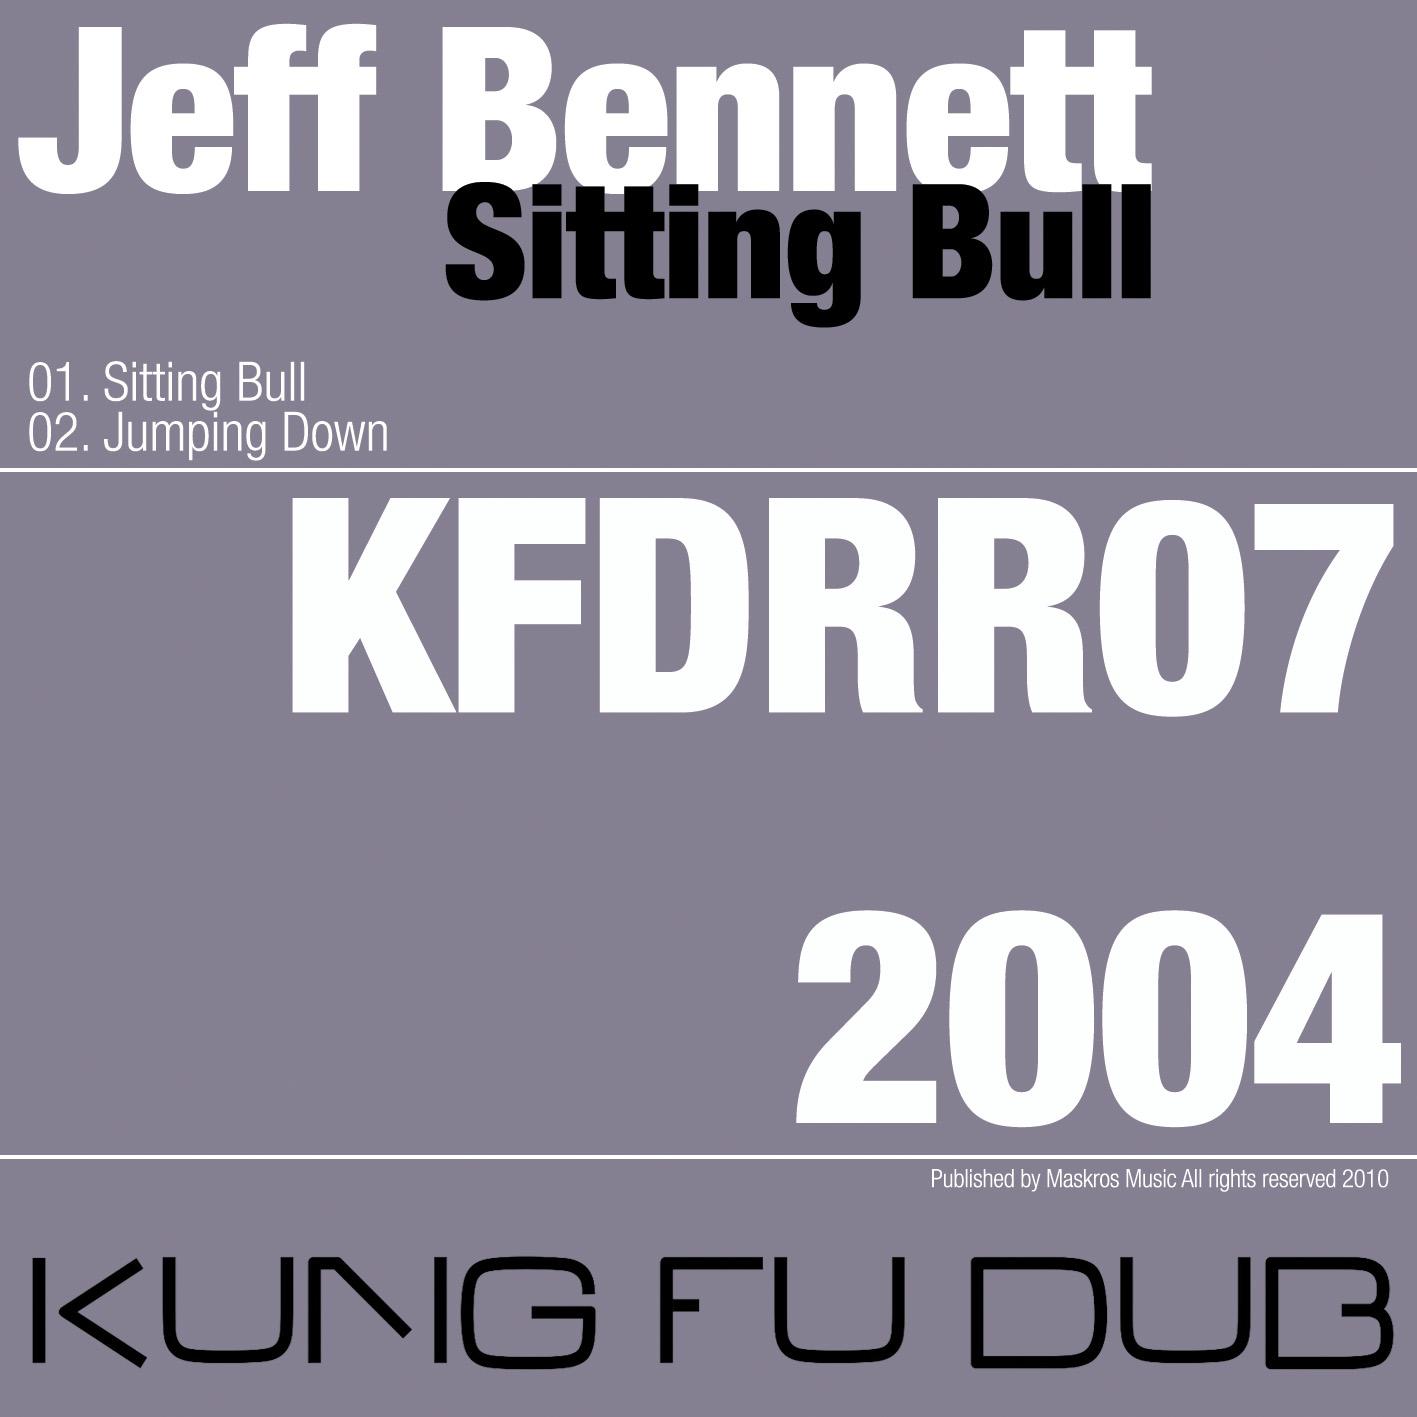 Jeff Bennett – Sitting Bull – Kung Fu Dub Rec